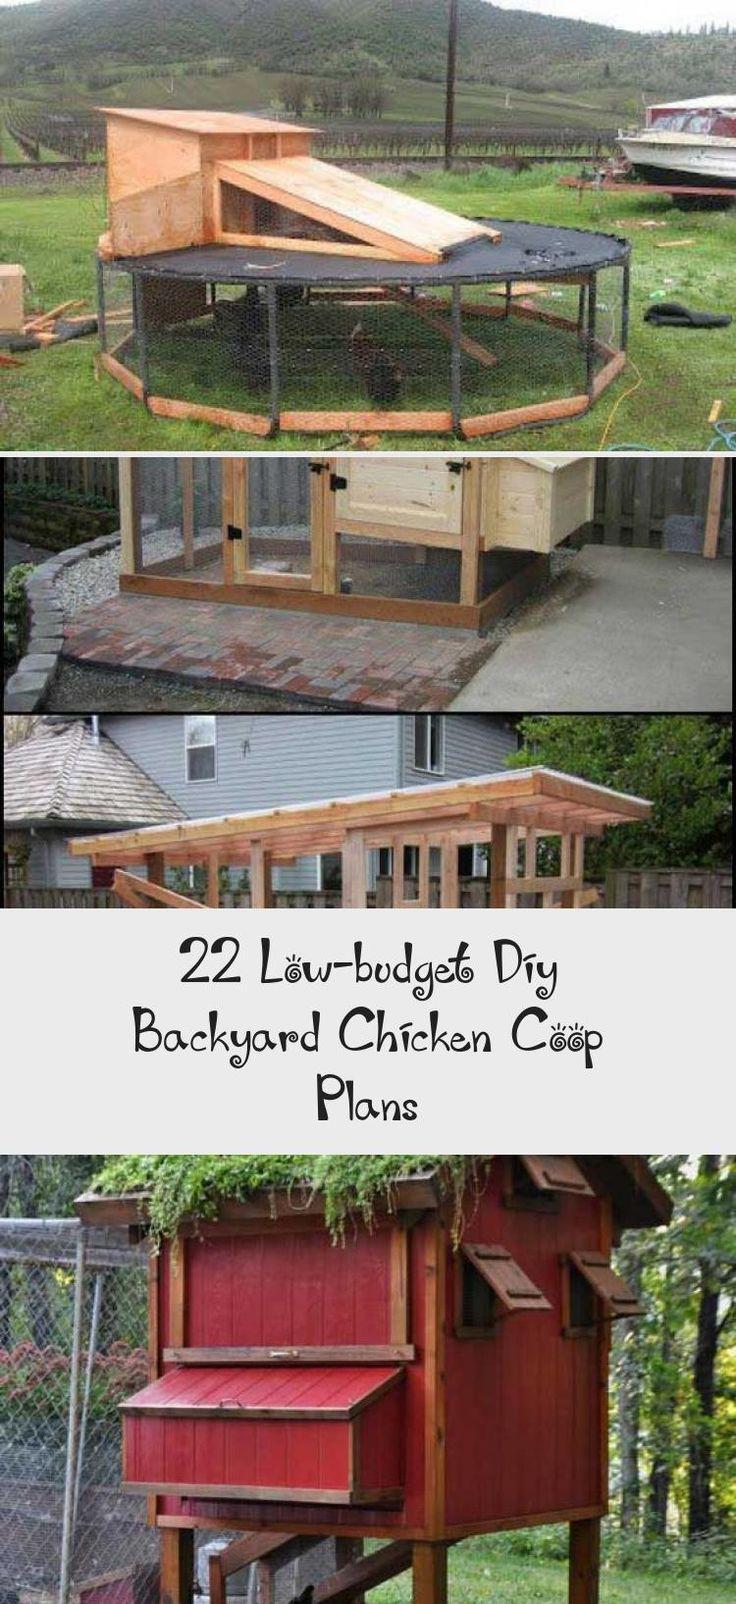 22 Low-budget Diy Backyard Chicken Coop Plans in 2020 ...